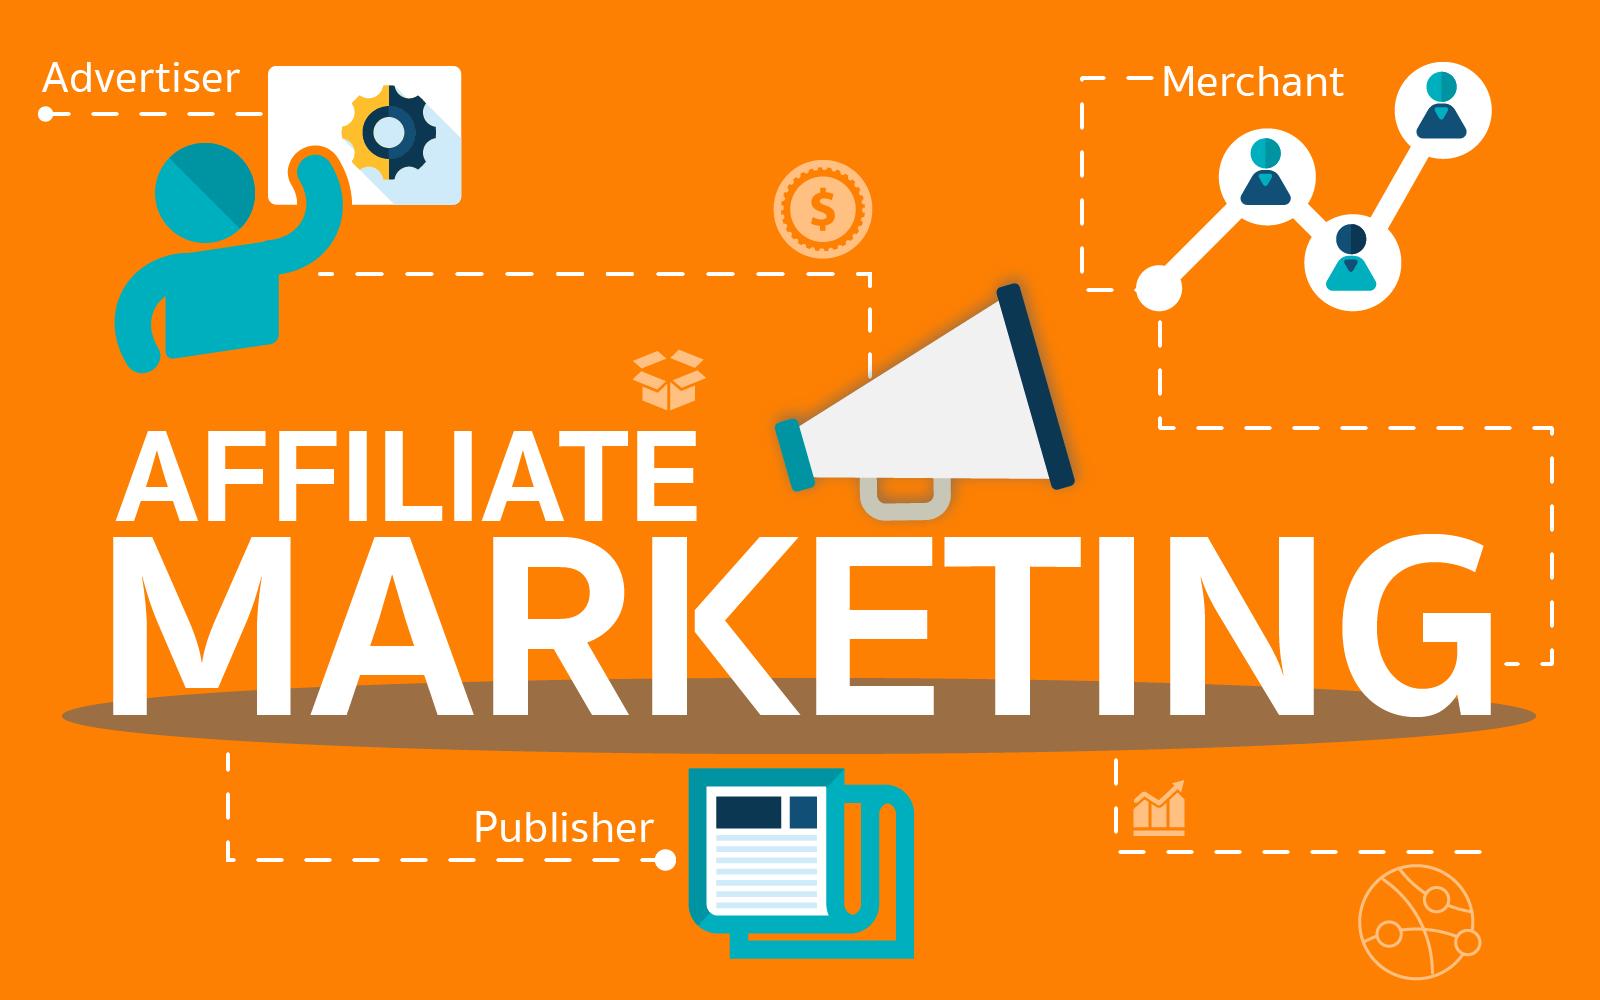 Xu hướng làm affiliate marketing trong năm 2021 liệu có thay đổi